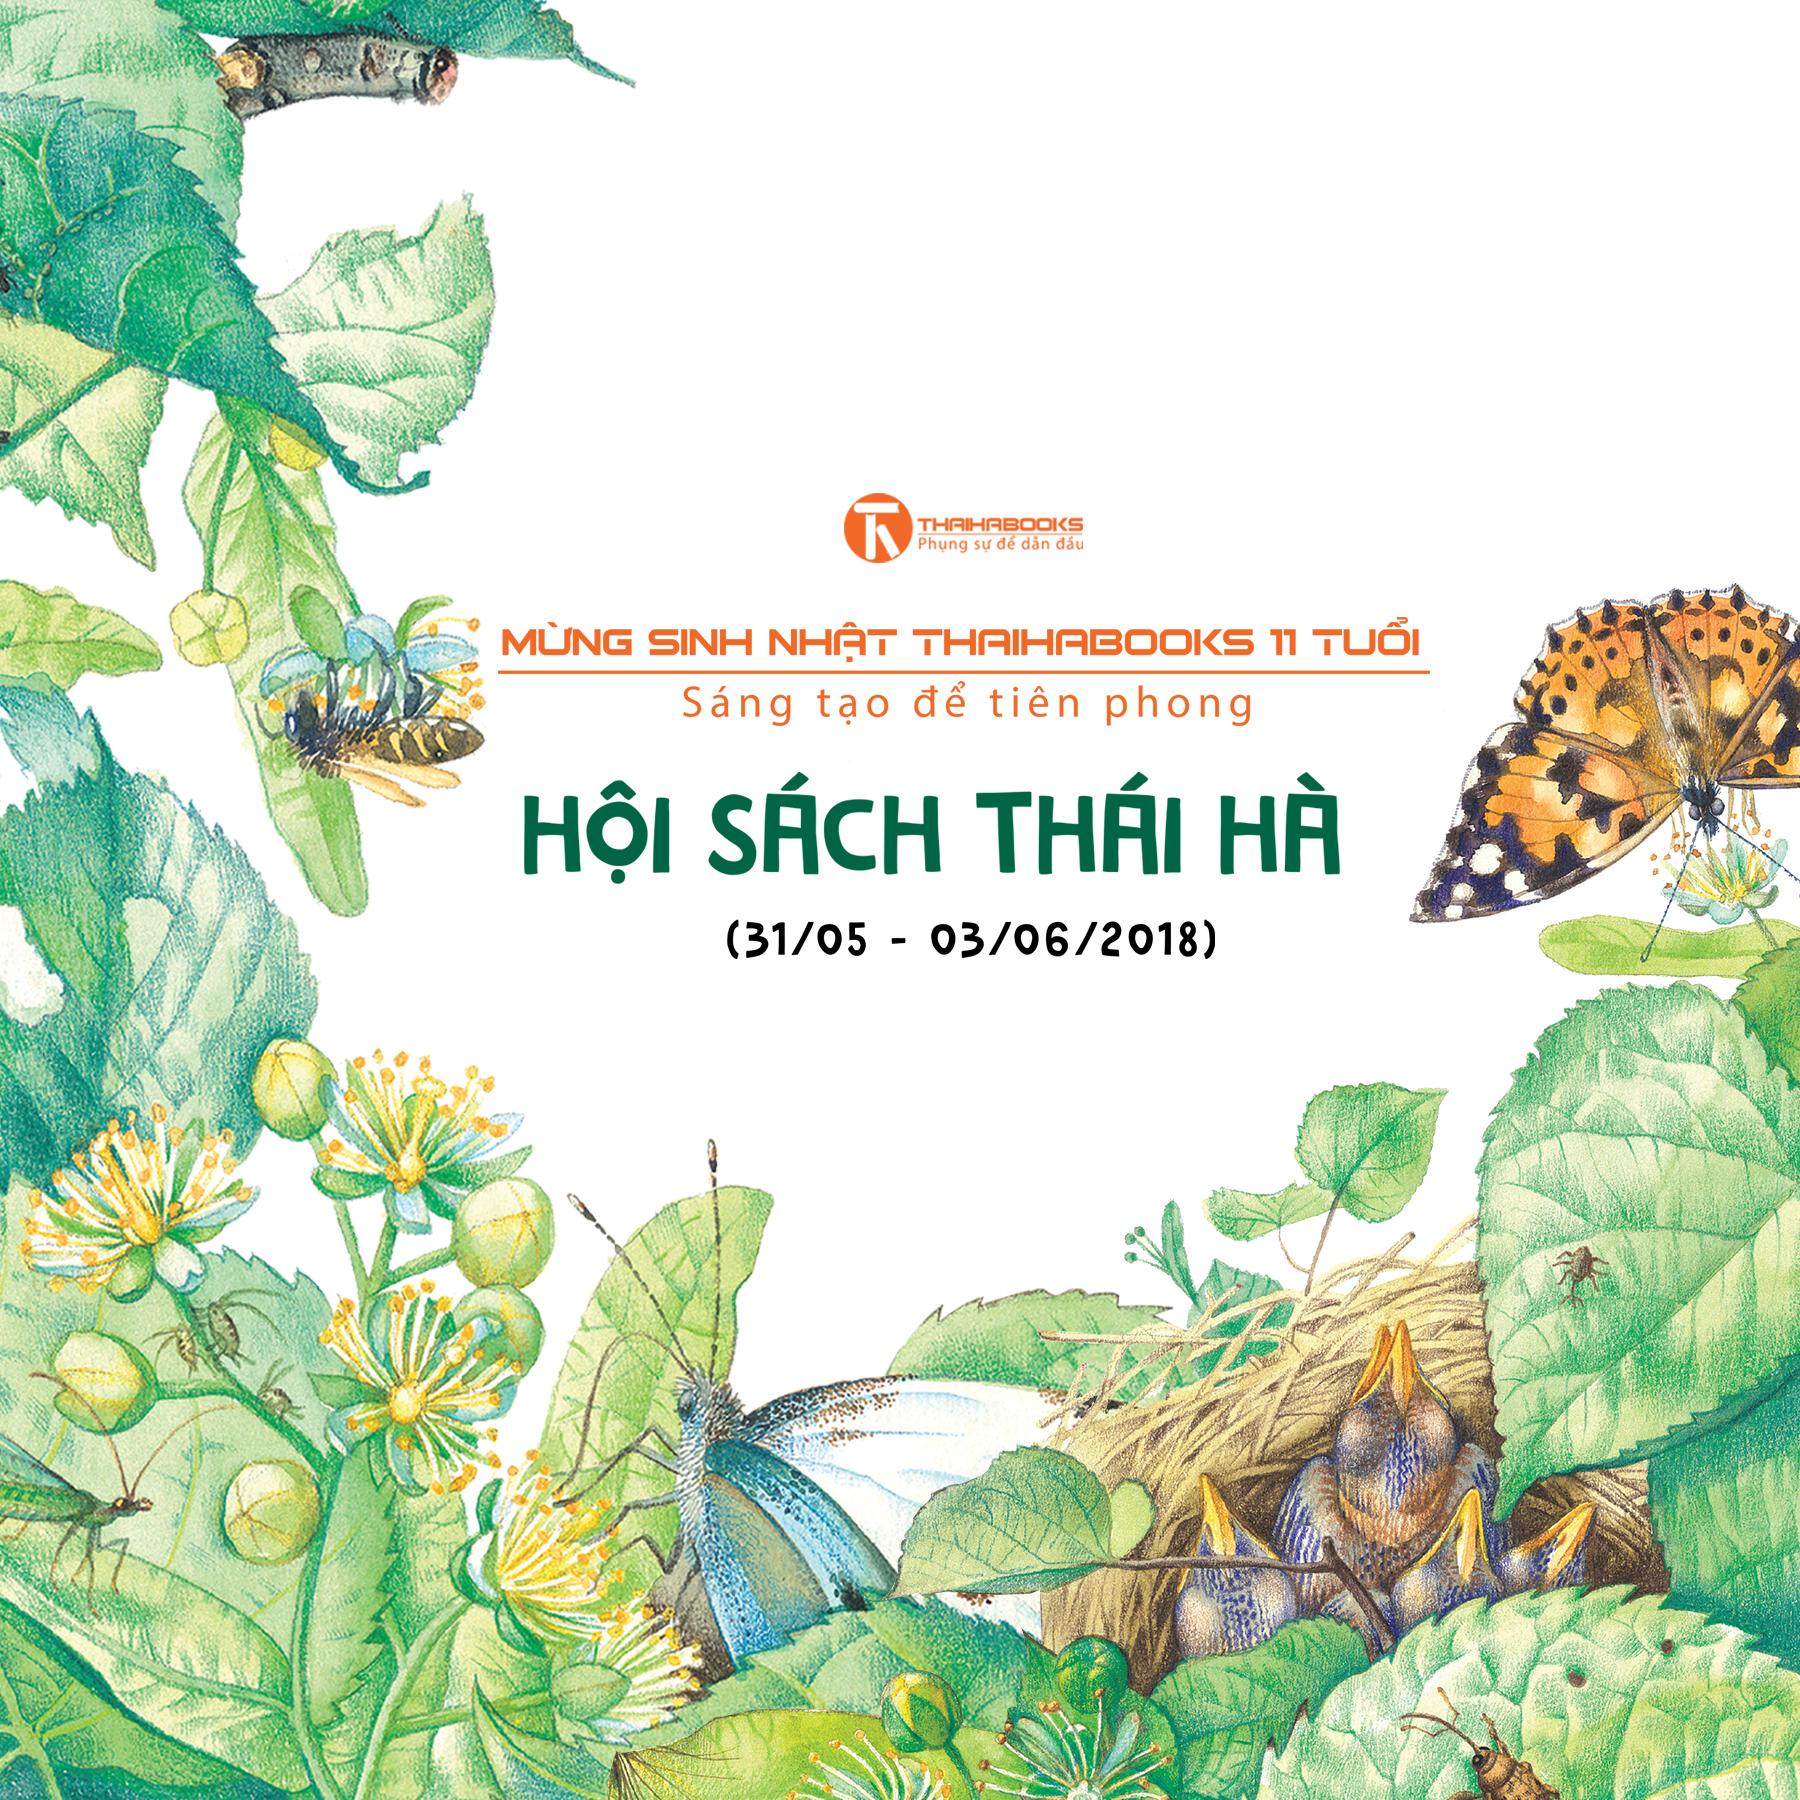 TP.HCM: HỘI SÁCH – MỪNG SINH NHẬT THÁI HÀ BOOKS 11 TUỔI TỪ 31/5 -03/06/2018